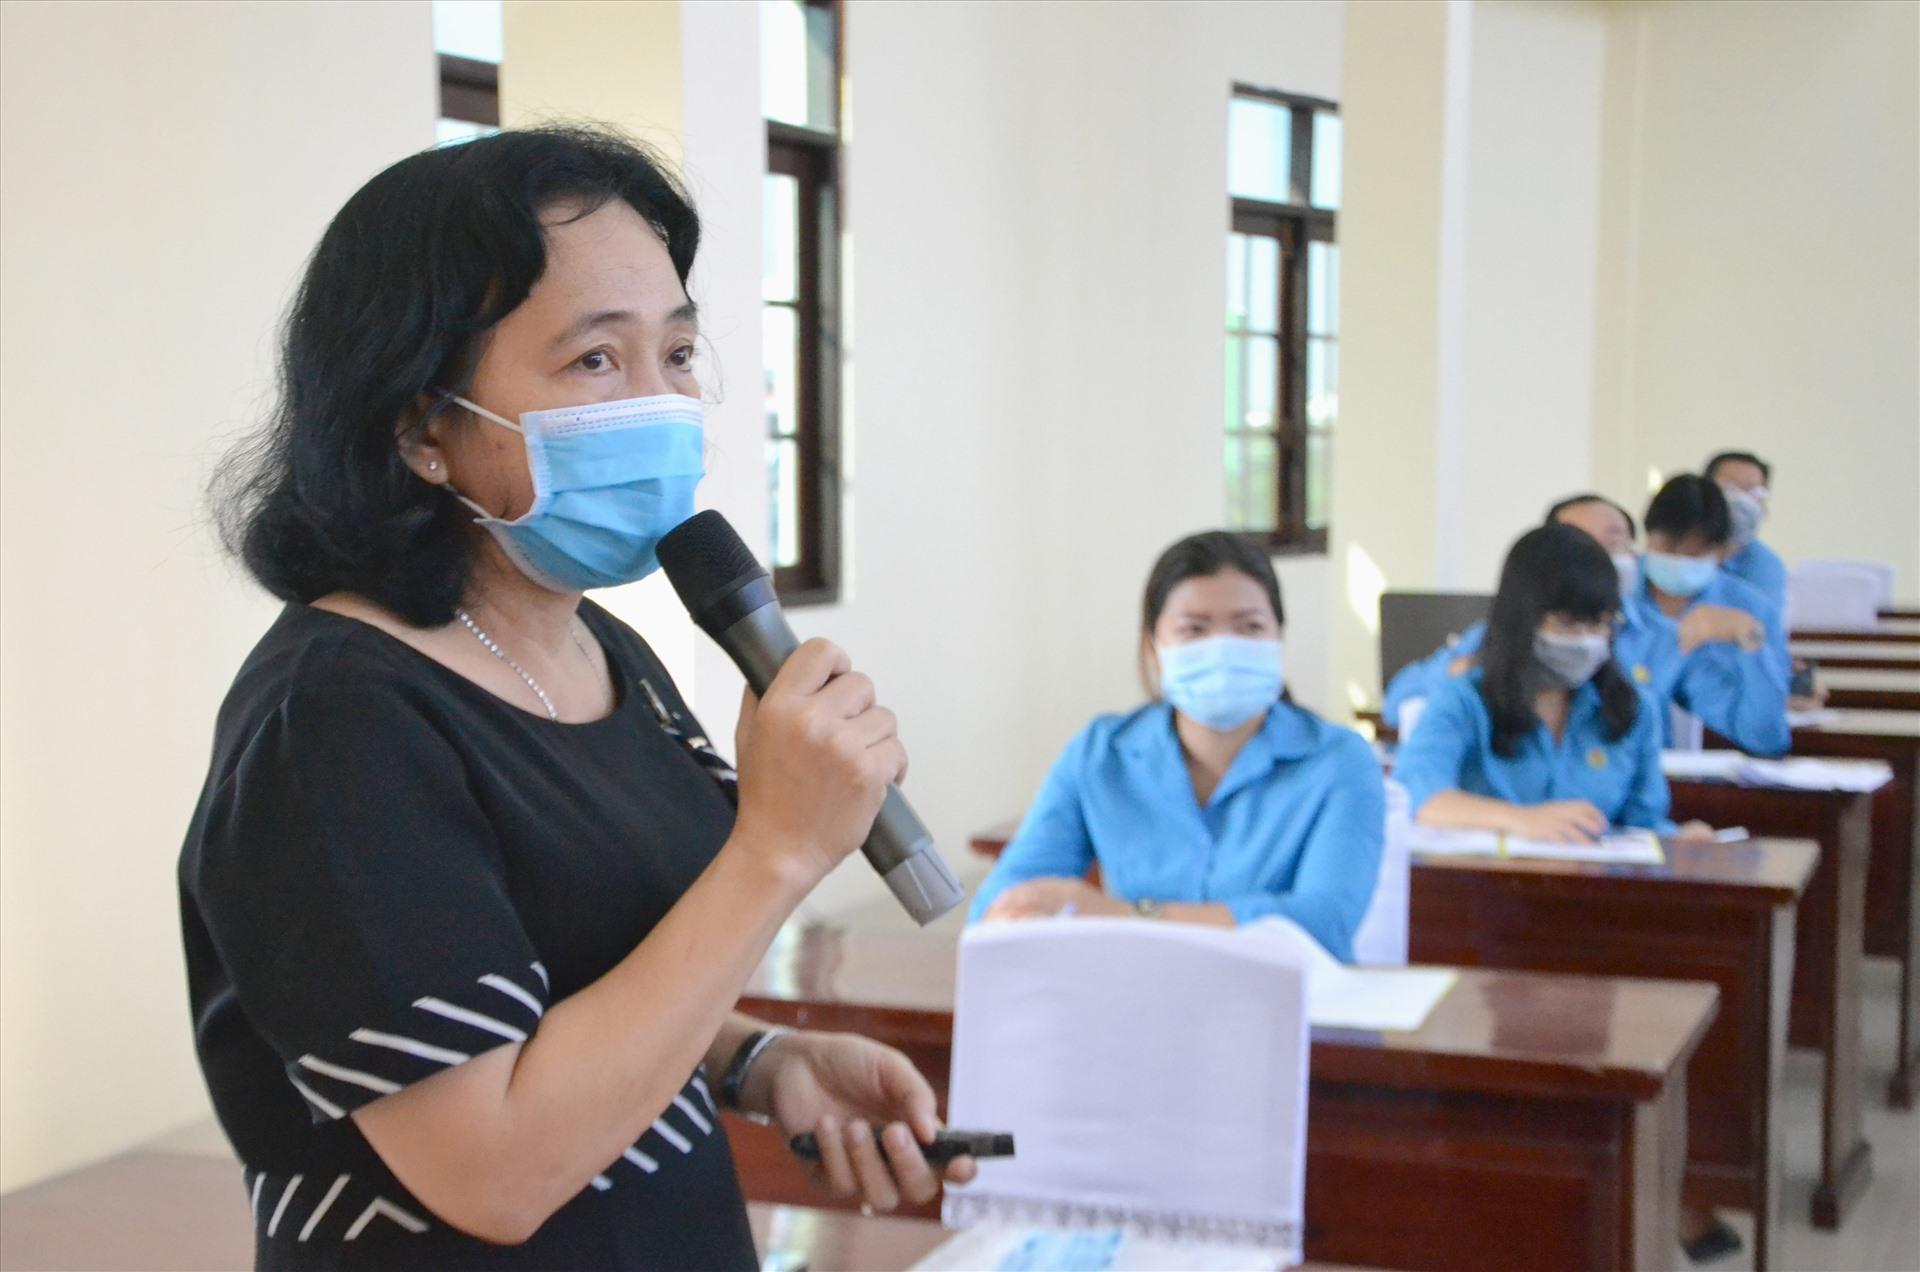 Bác sĩ Nguyễn Thị Kim Huyền truyền đạt tại buổi tập huấn. Ảnh: LT